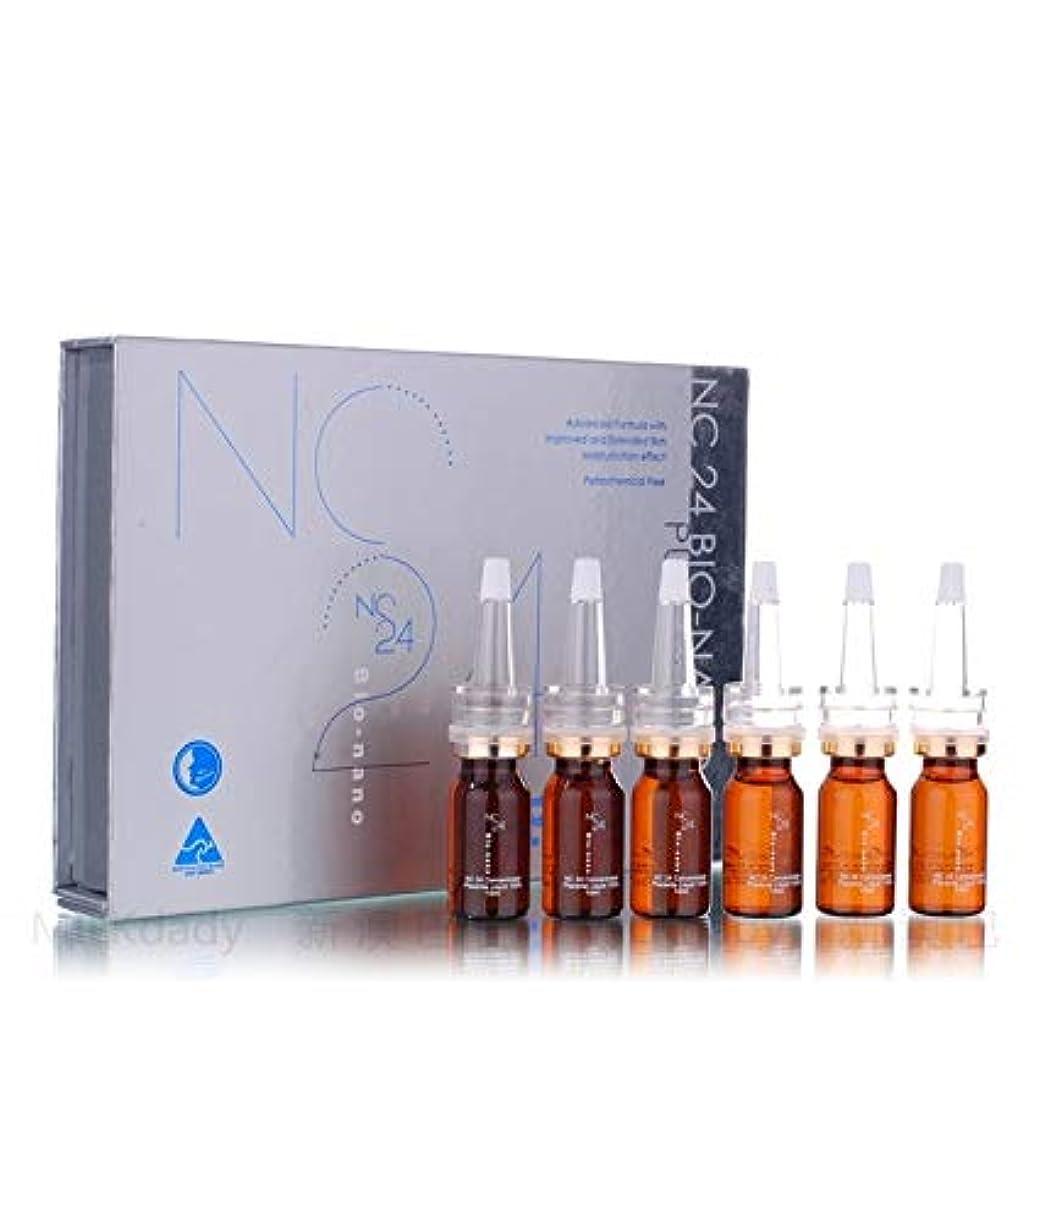 お父さん彼女は起こる[Nature's Care]NC24 Bio-nano プラセンタ100%リキッド(10ml×6本)[海外直送品]